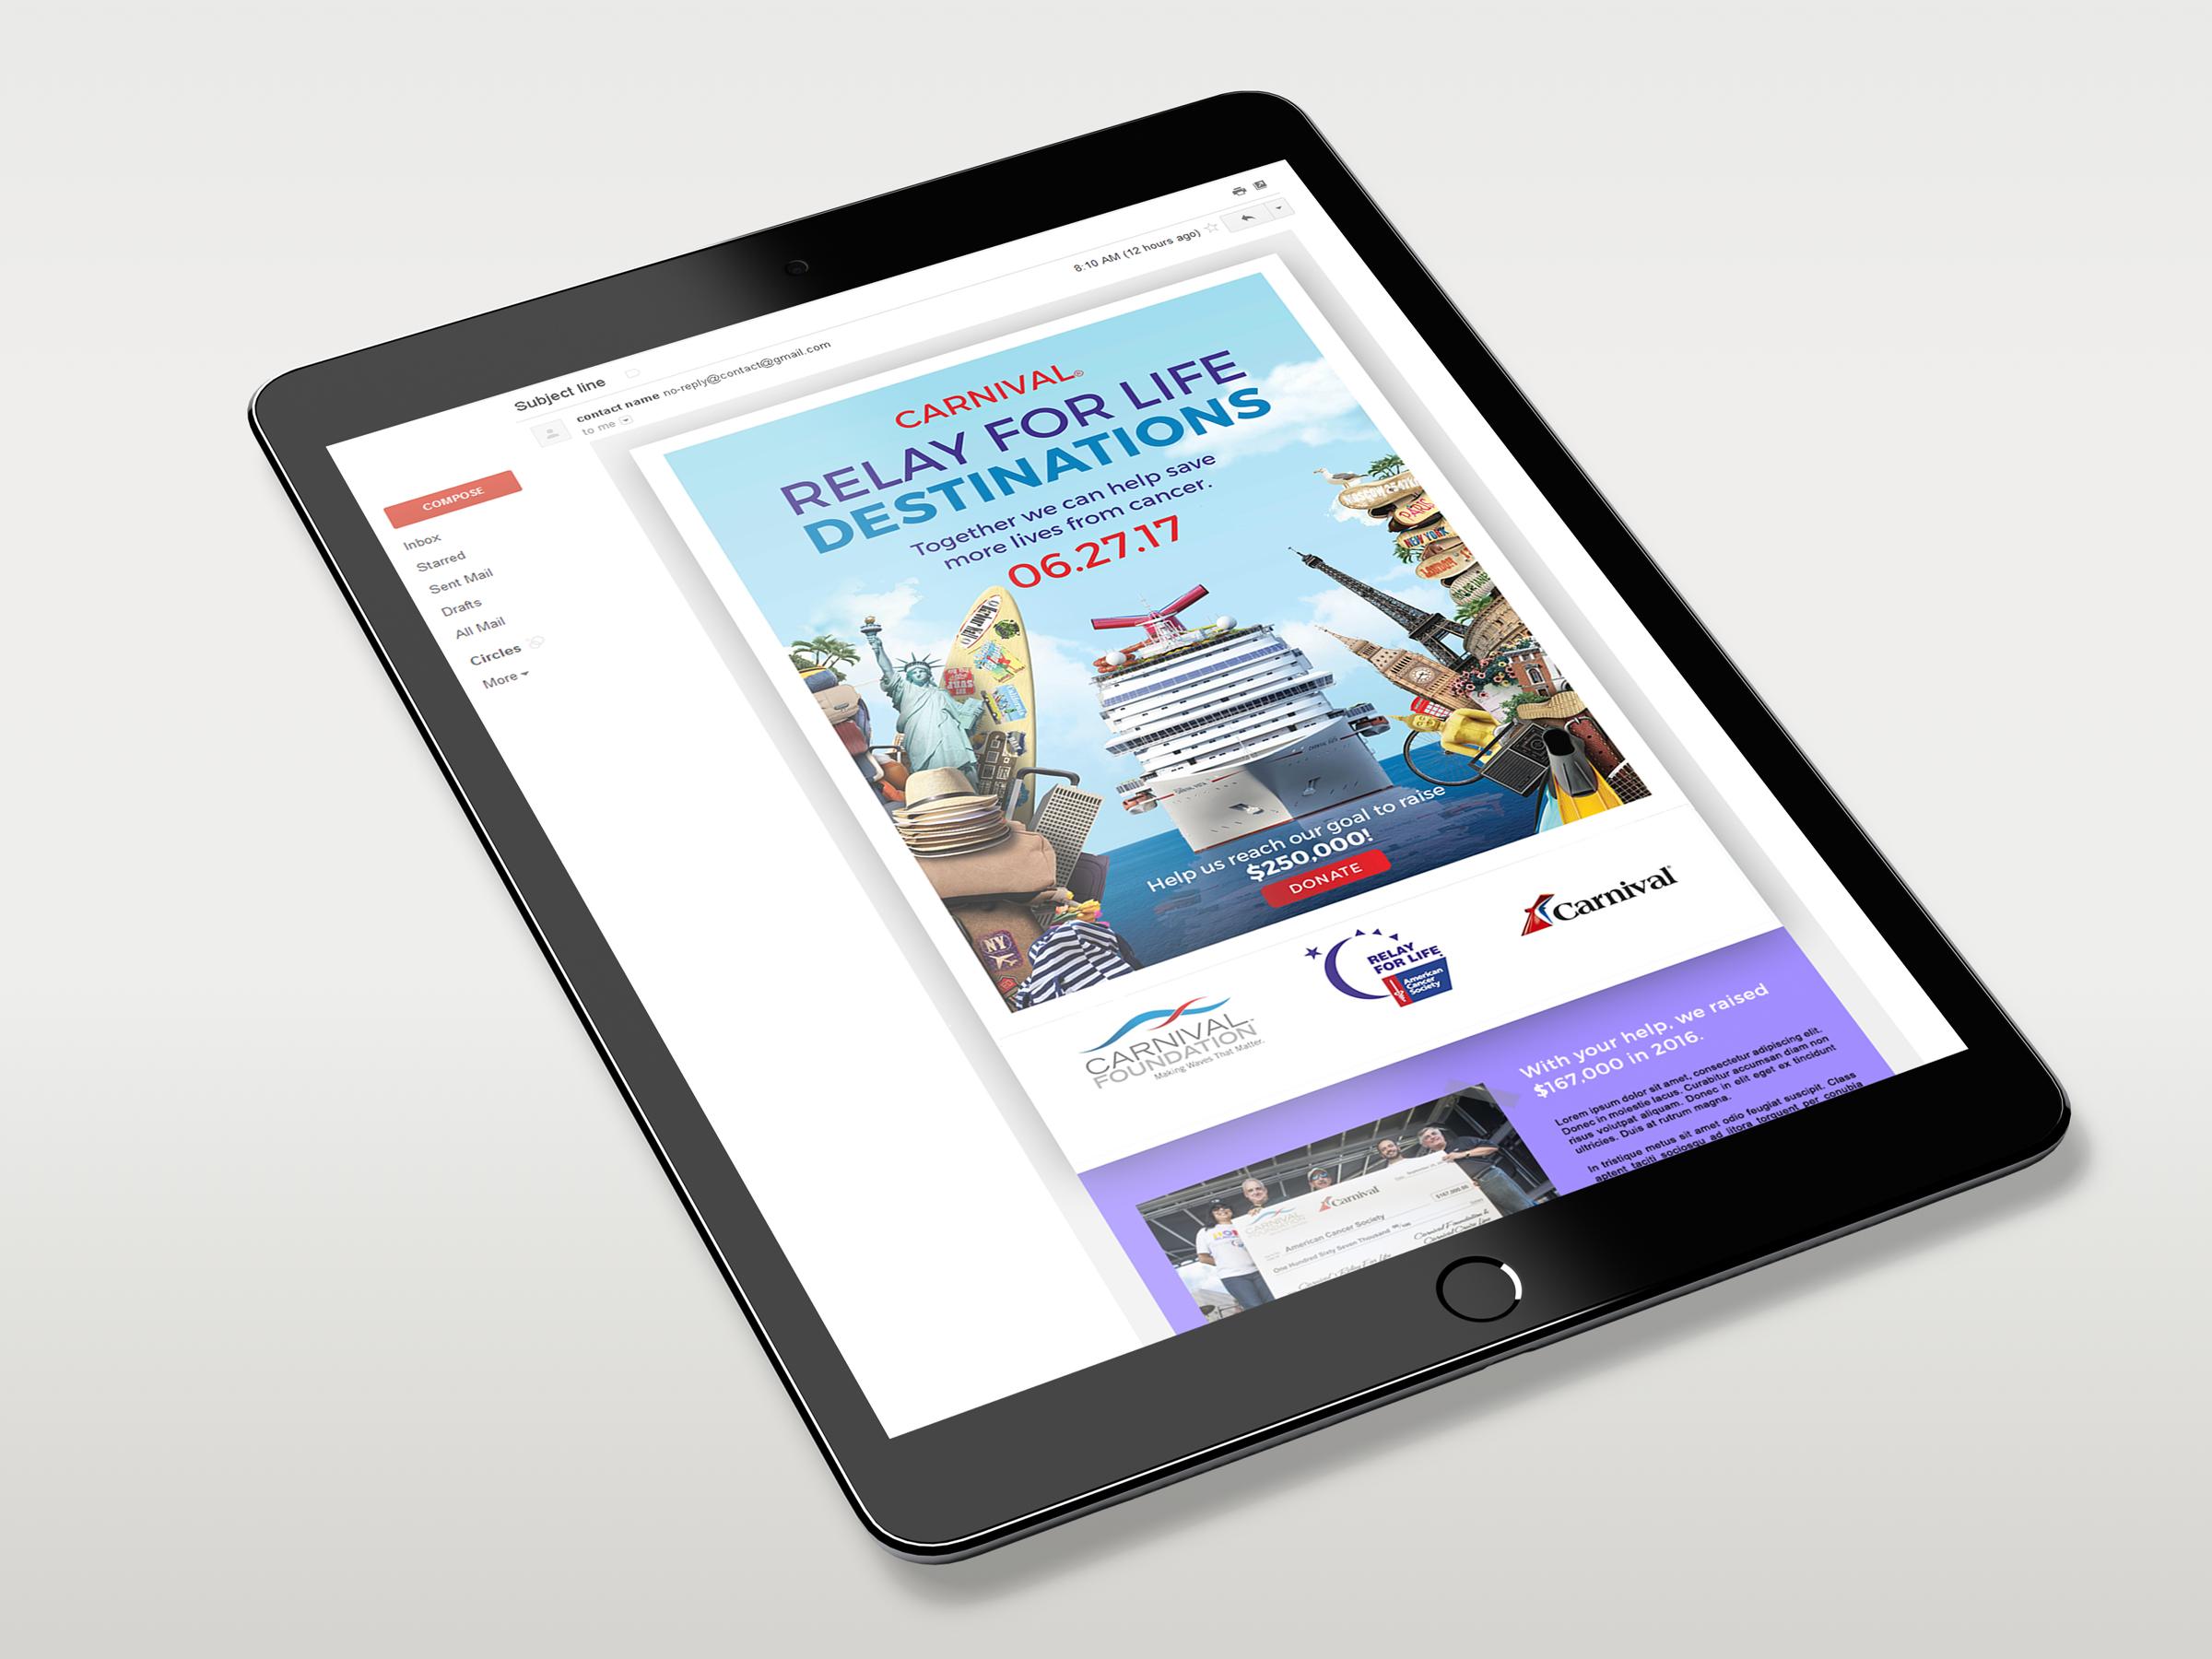 Carnival_iPad_Mockup.png